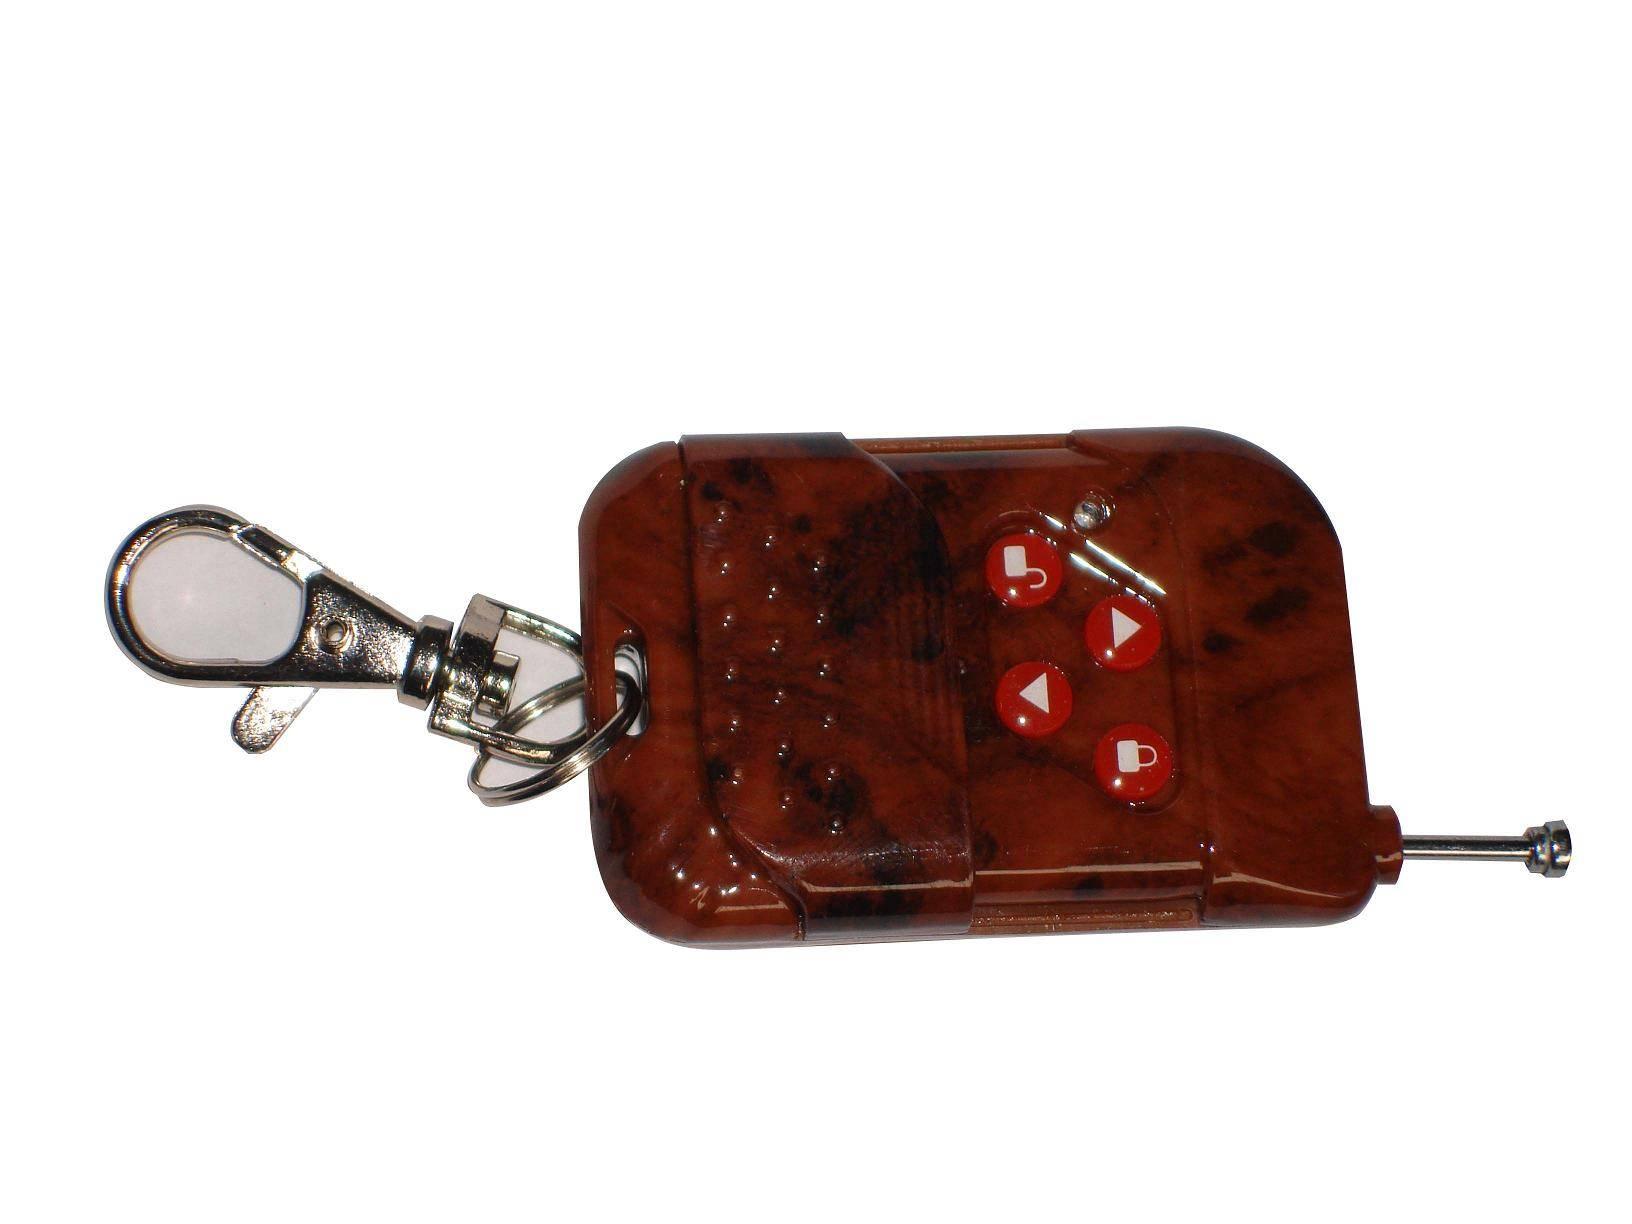 型 号: STL-C * 发射器采用四键独立方式,解锁和停止键并用,特设锁定按键,按锁键后,再按开.关键都失效,起防盗作用. * 主机设有左右安装开关,安装方便. *自动照明功能,延时断电功能. *电动开关功能,红外线遇阻停止功能. *发射电路采用声表晶体稳频,使发射距离不受天气影响. *遥控距离开阔地100米.